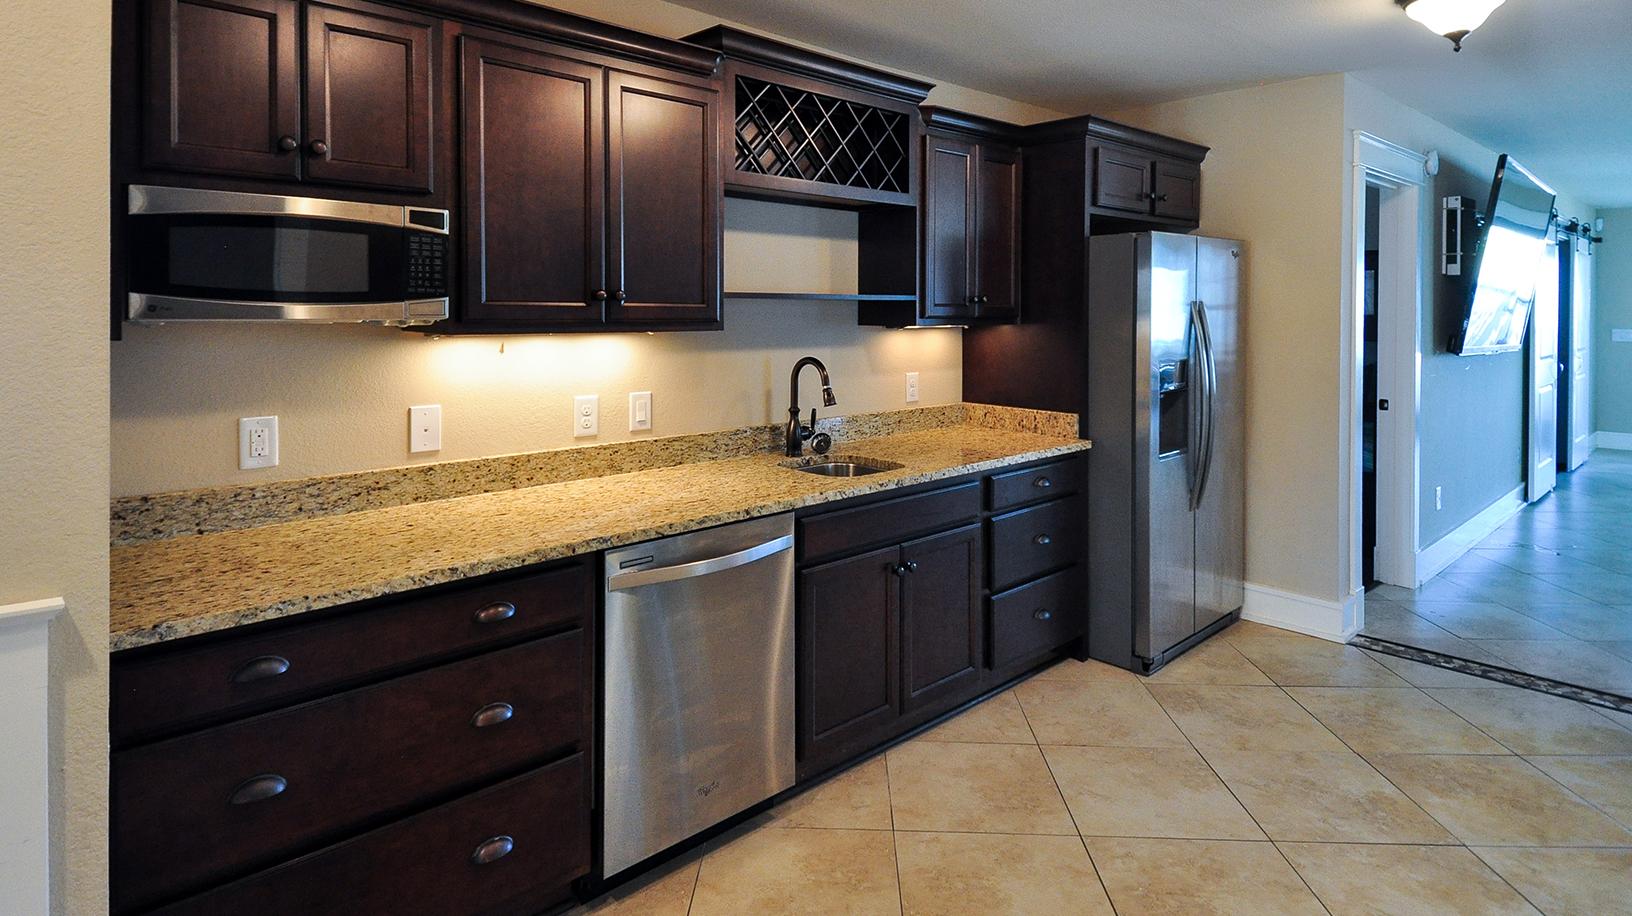 KD1409-kitchenette.jpg